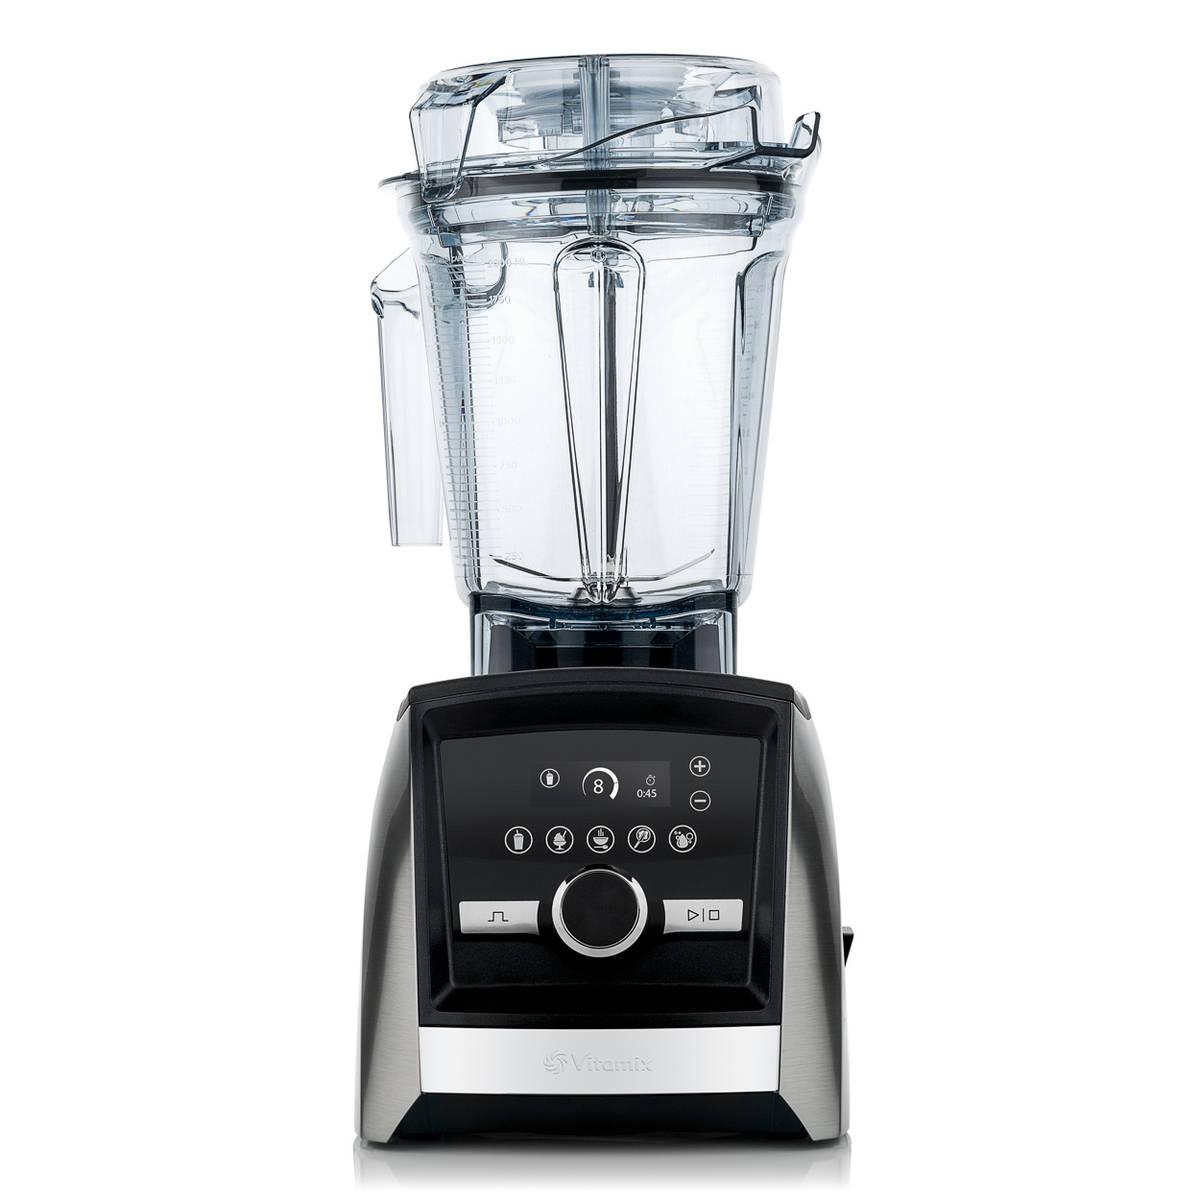 mixér Vitamix A 3500